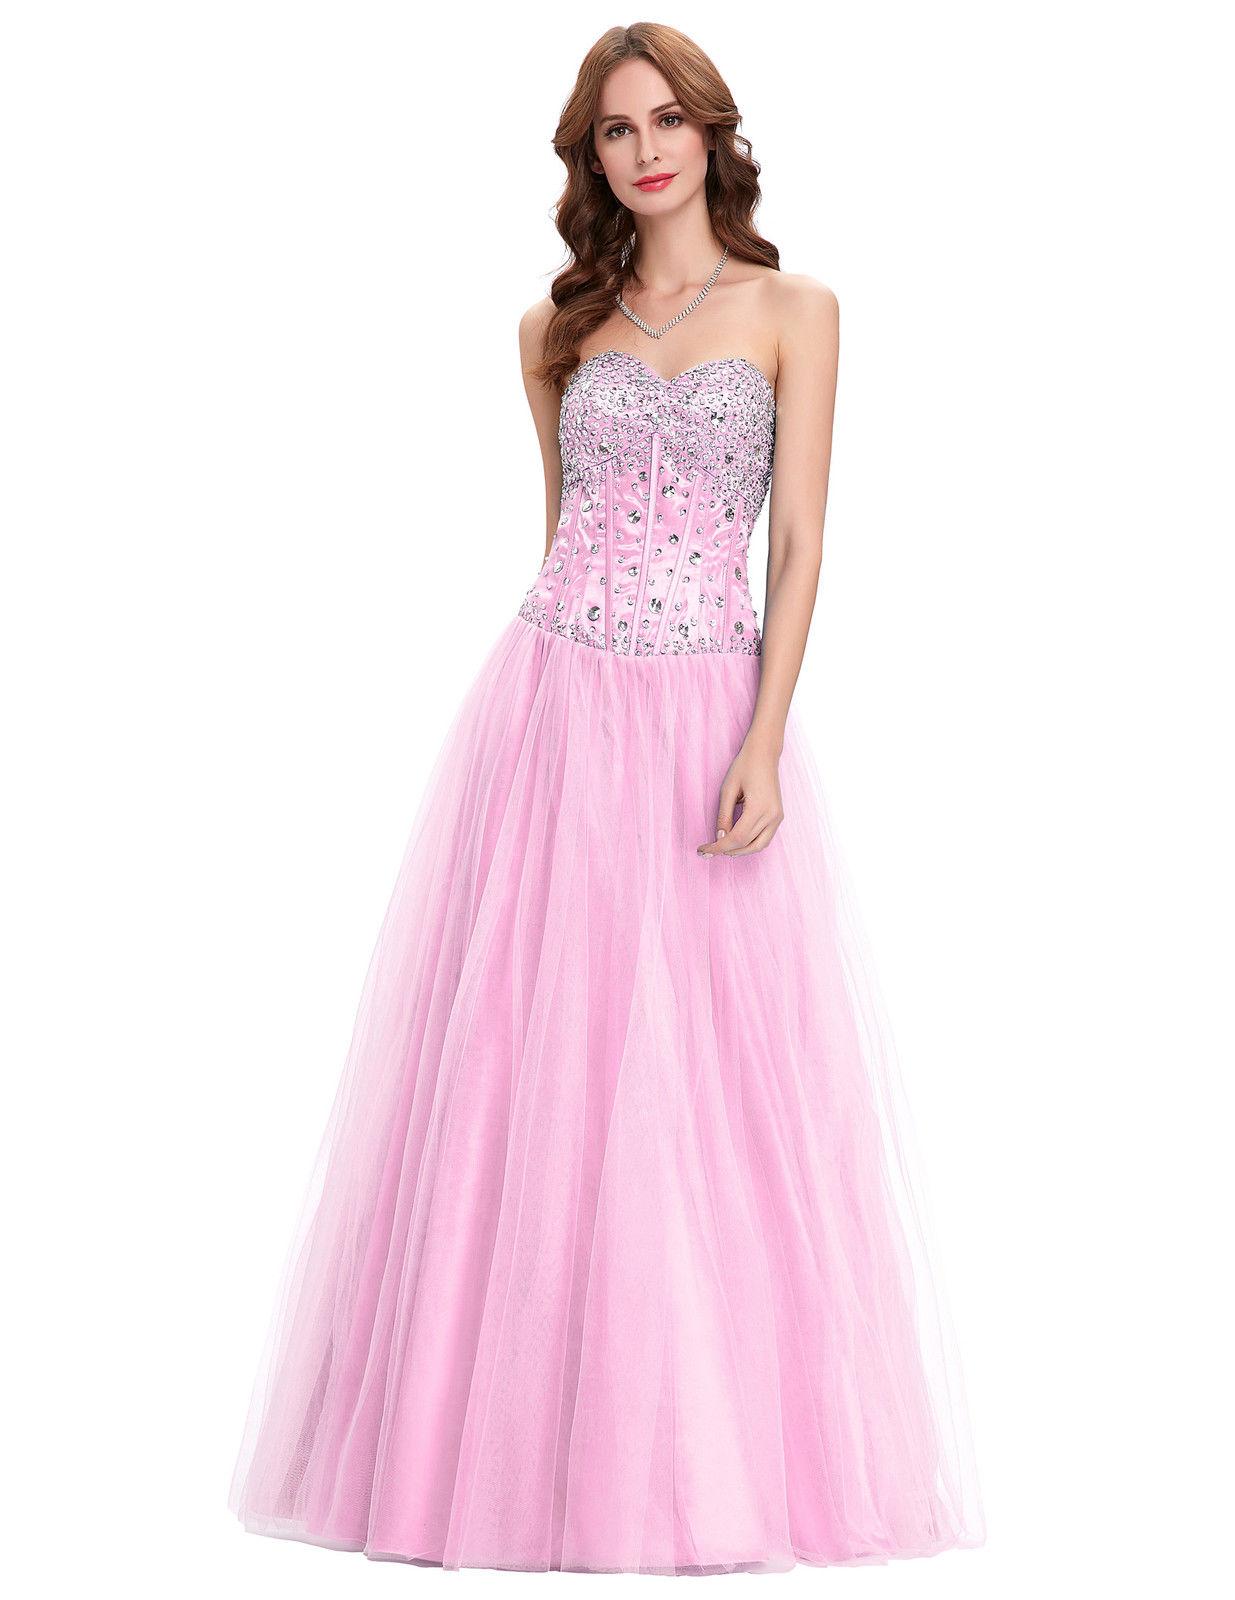 Růžové dlouhé plesové šaty s tylovou sukní a kamínky 34 XS ... 6dce77fb4c